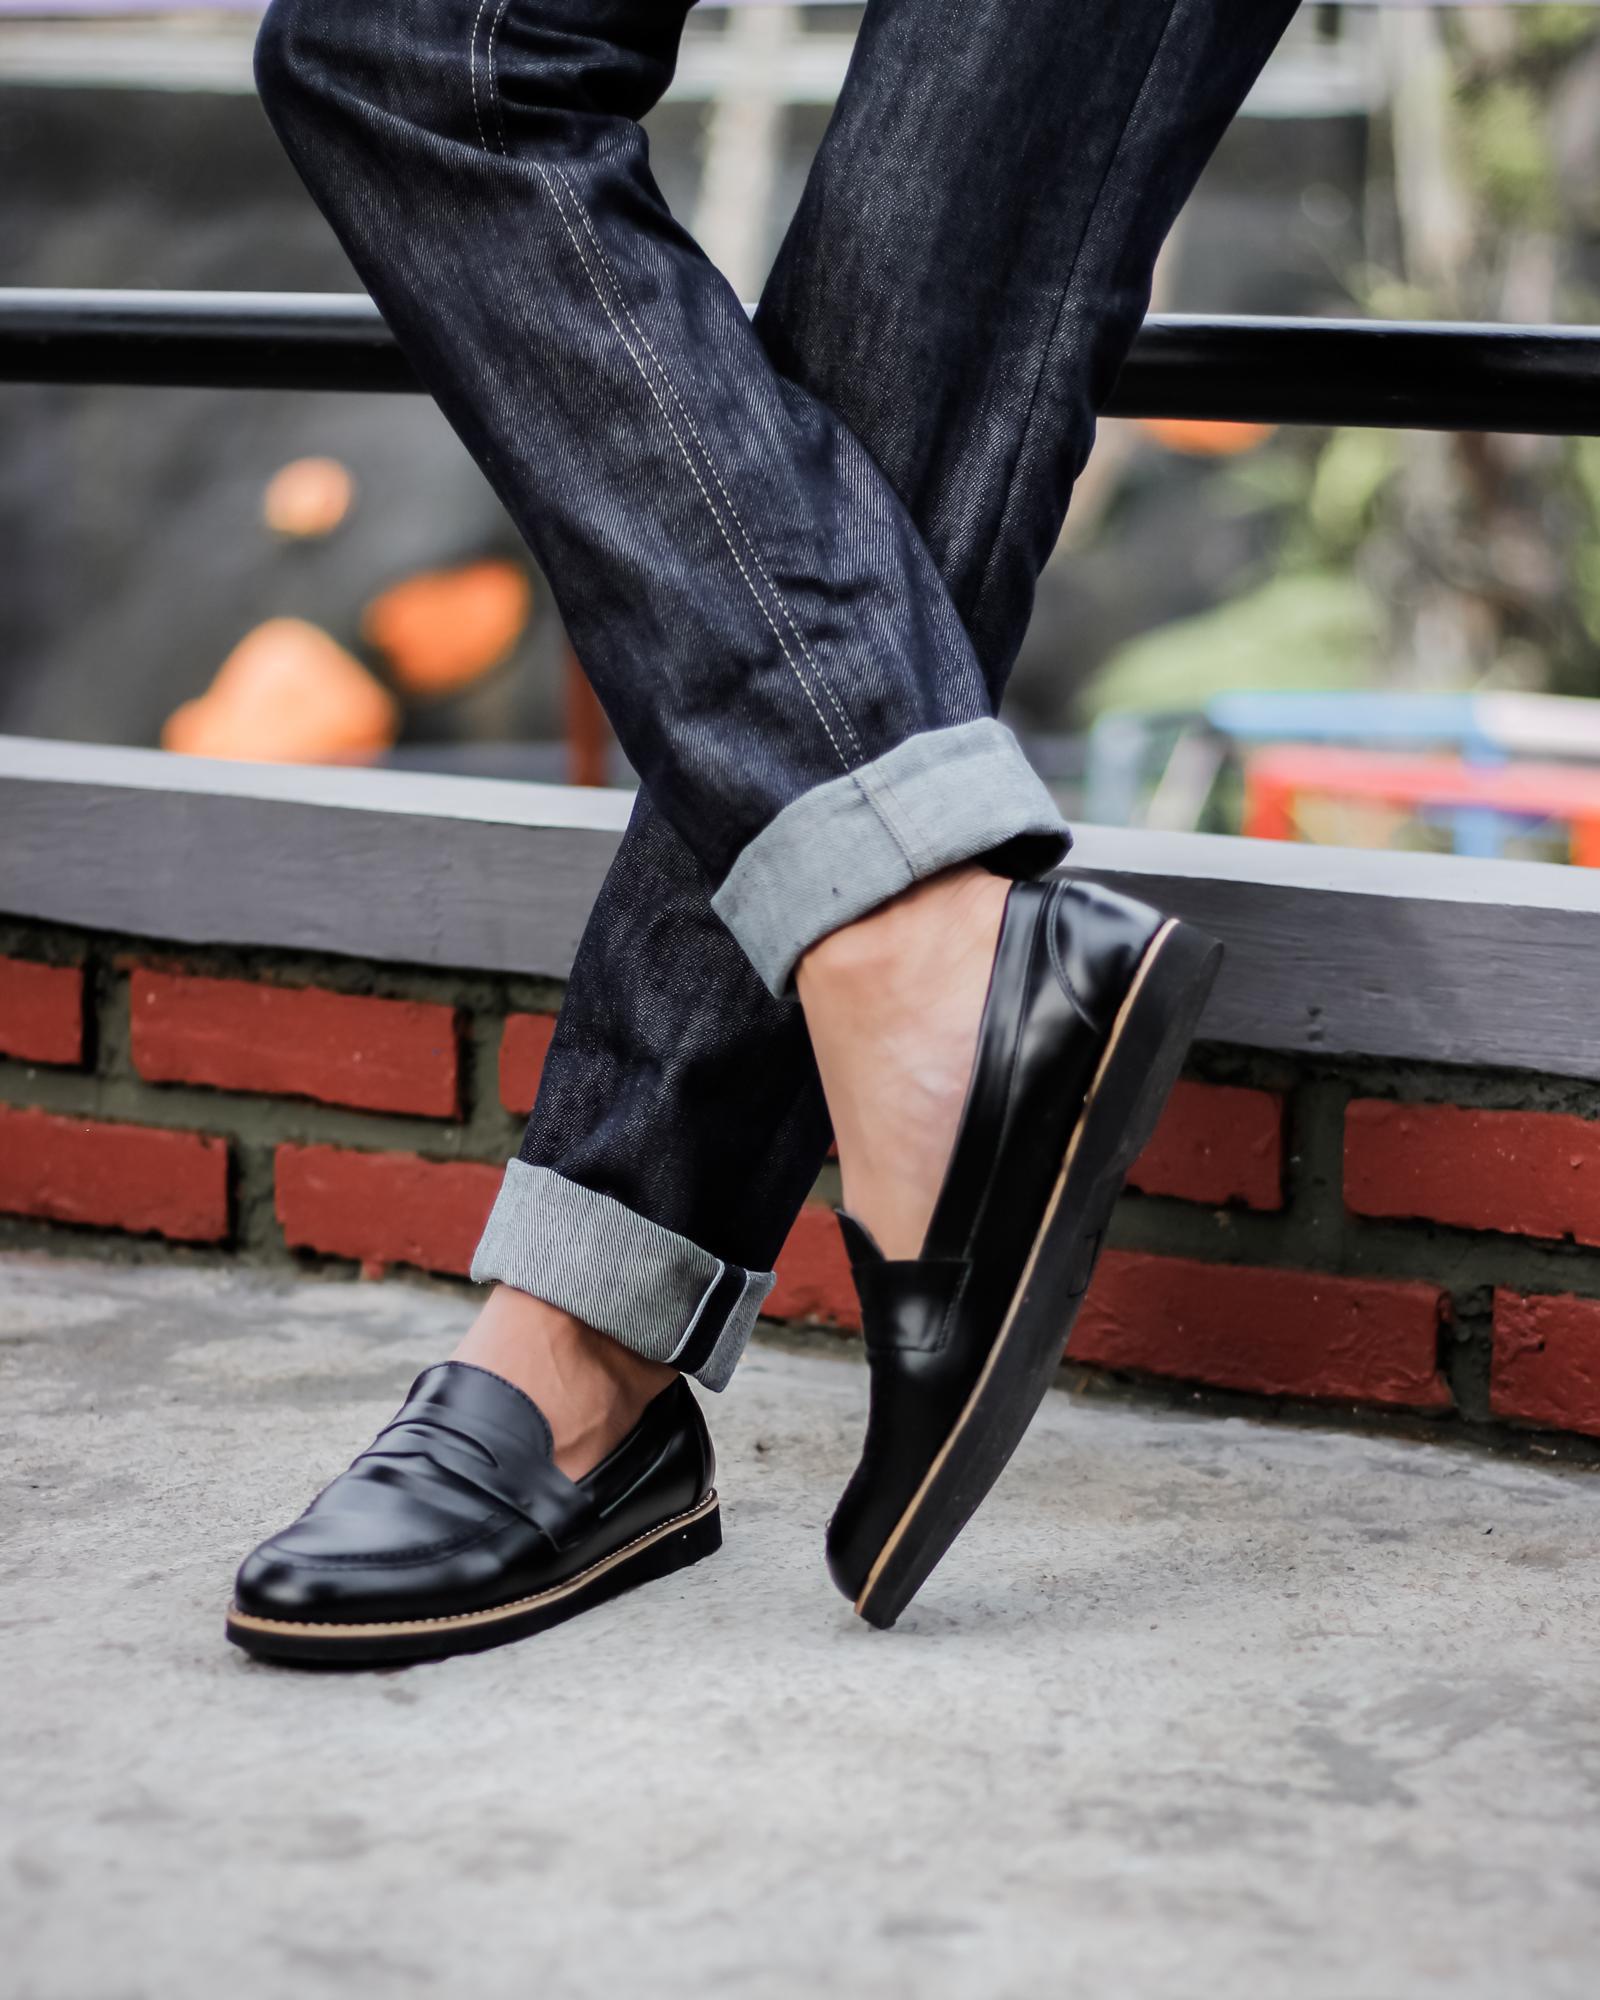 sepatu pria slip on black footwolker / loafert black